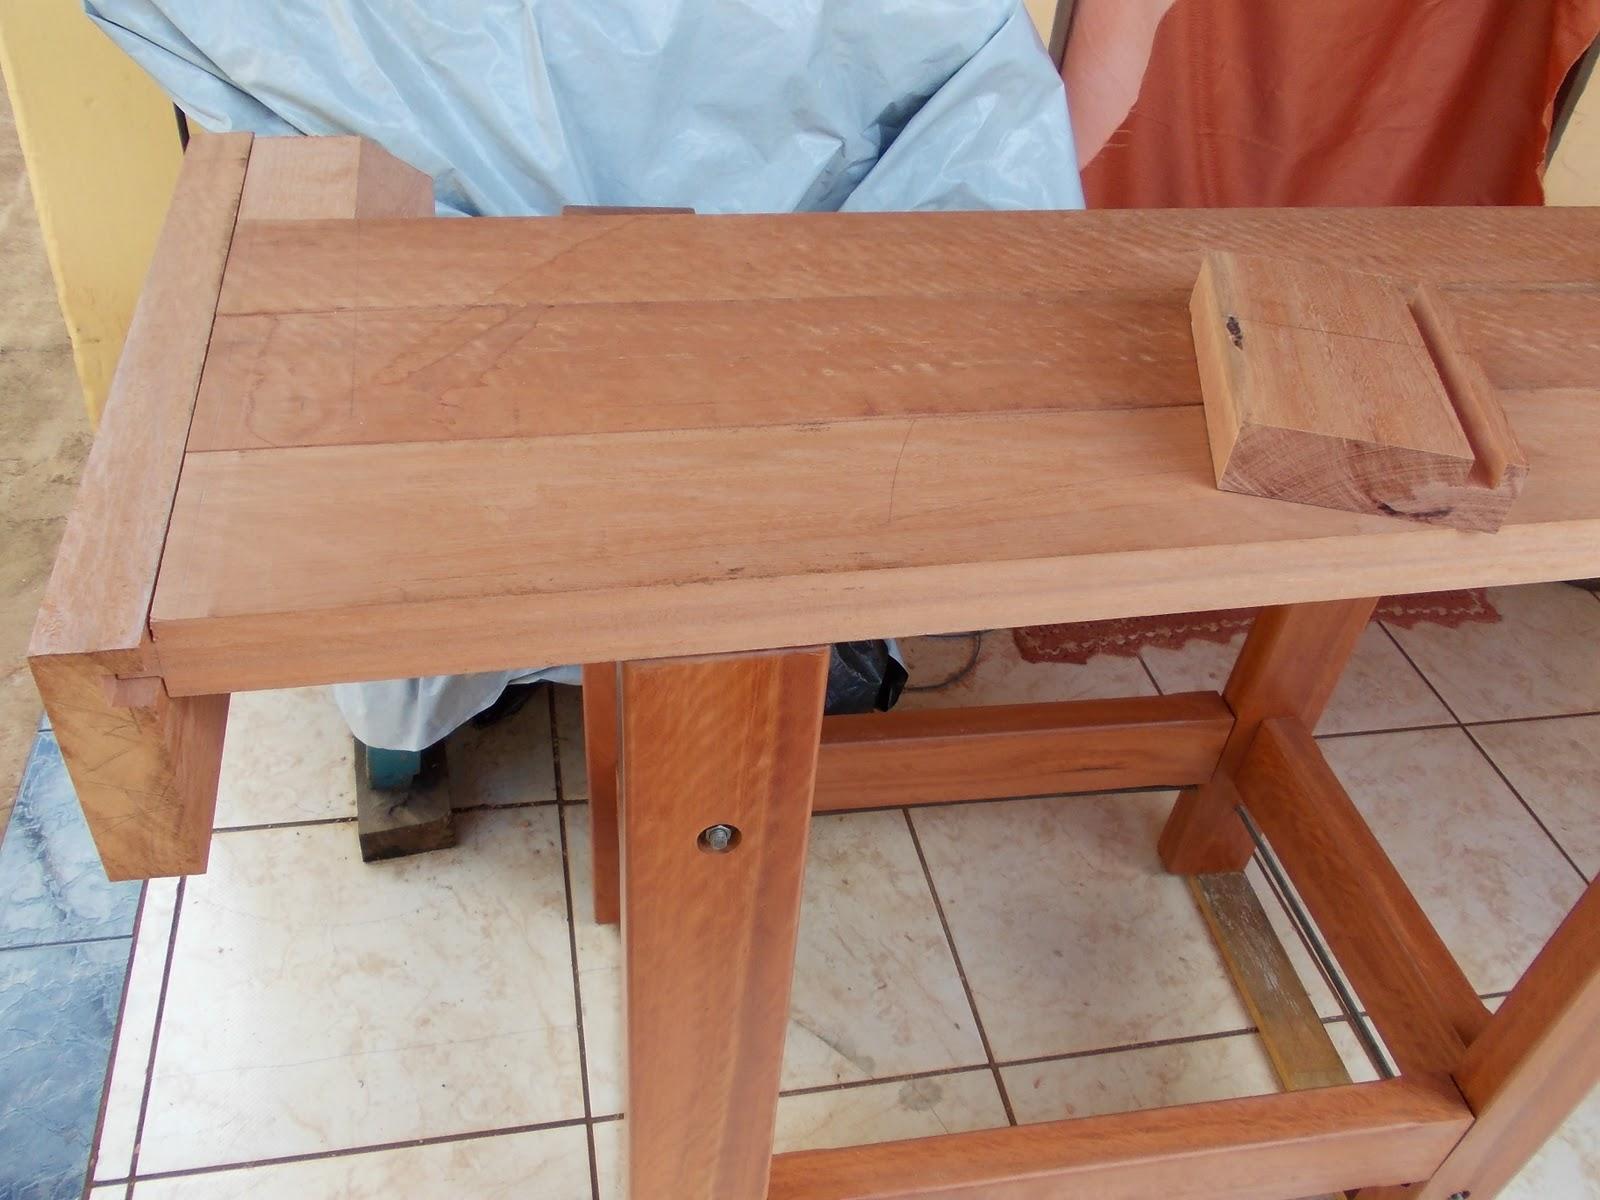 Com a aplicação da seladora a madeira já mostrou um tom muito  #833F28 1600x1200